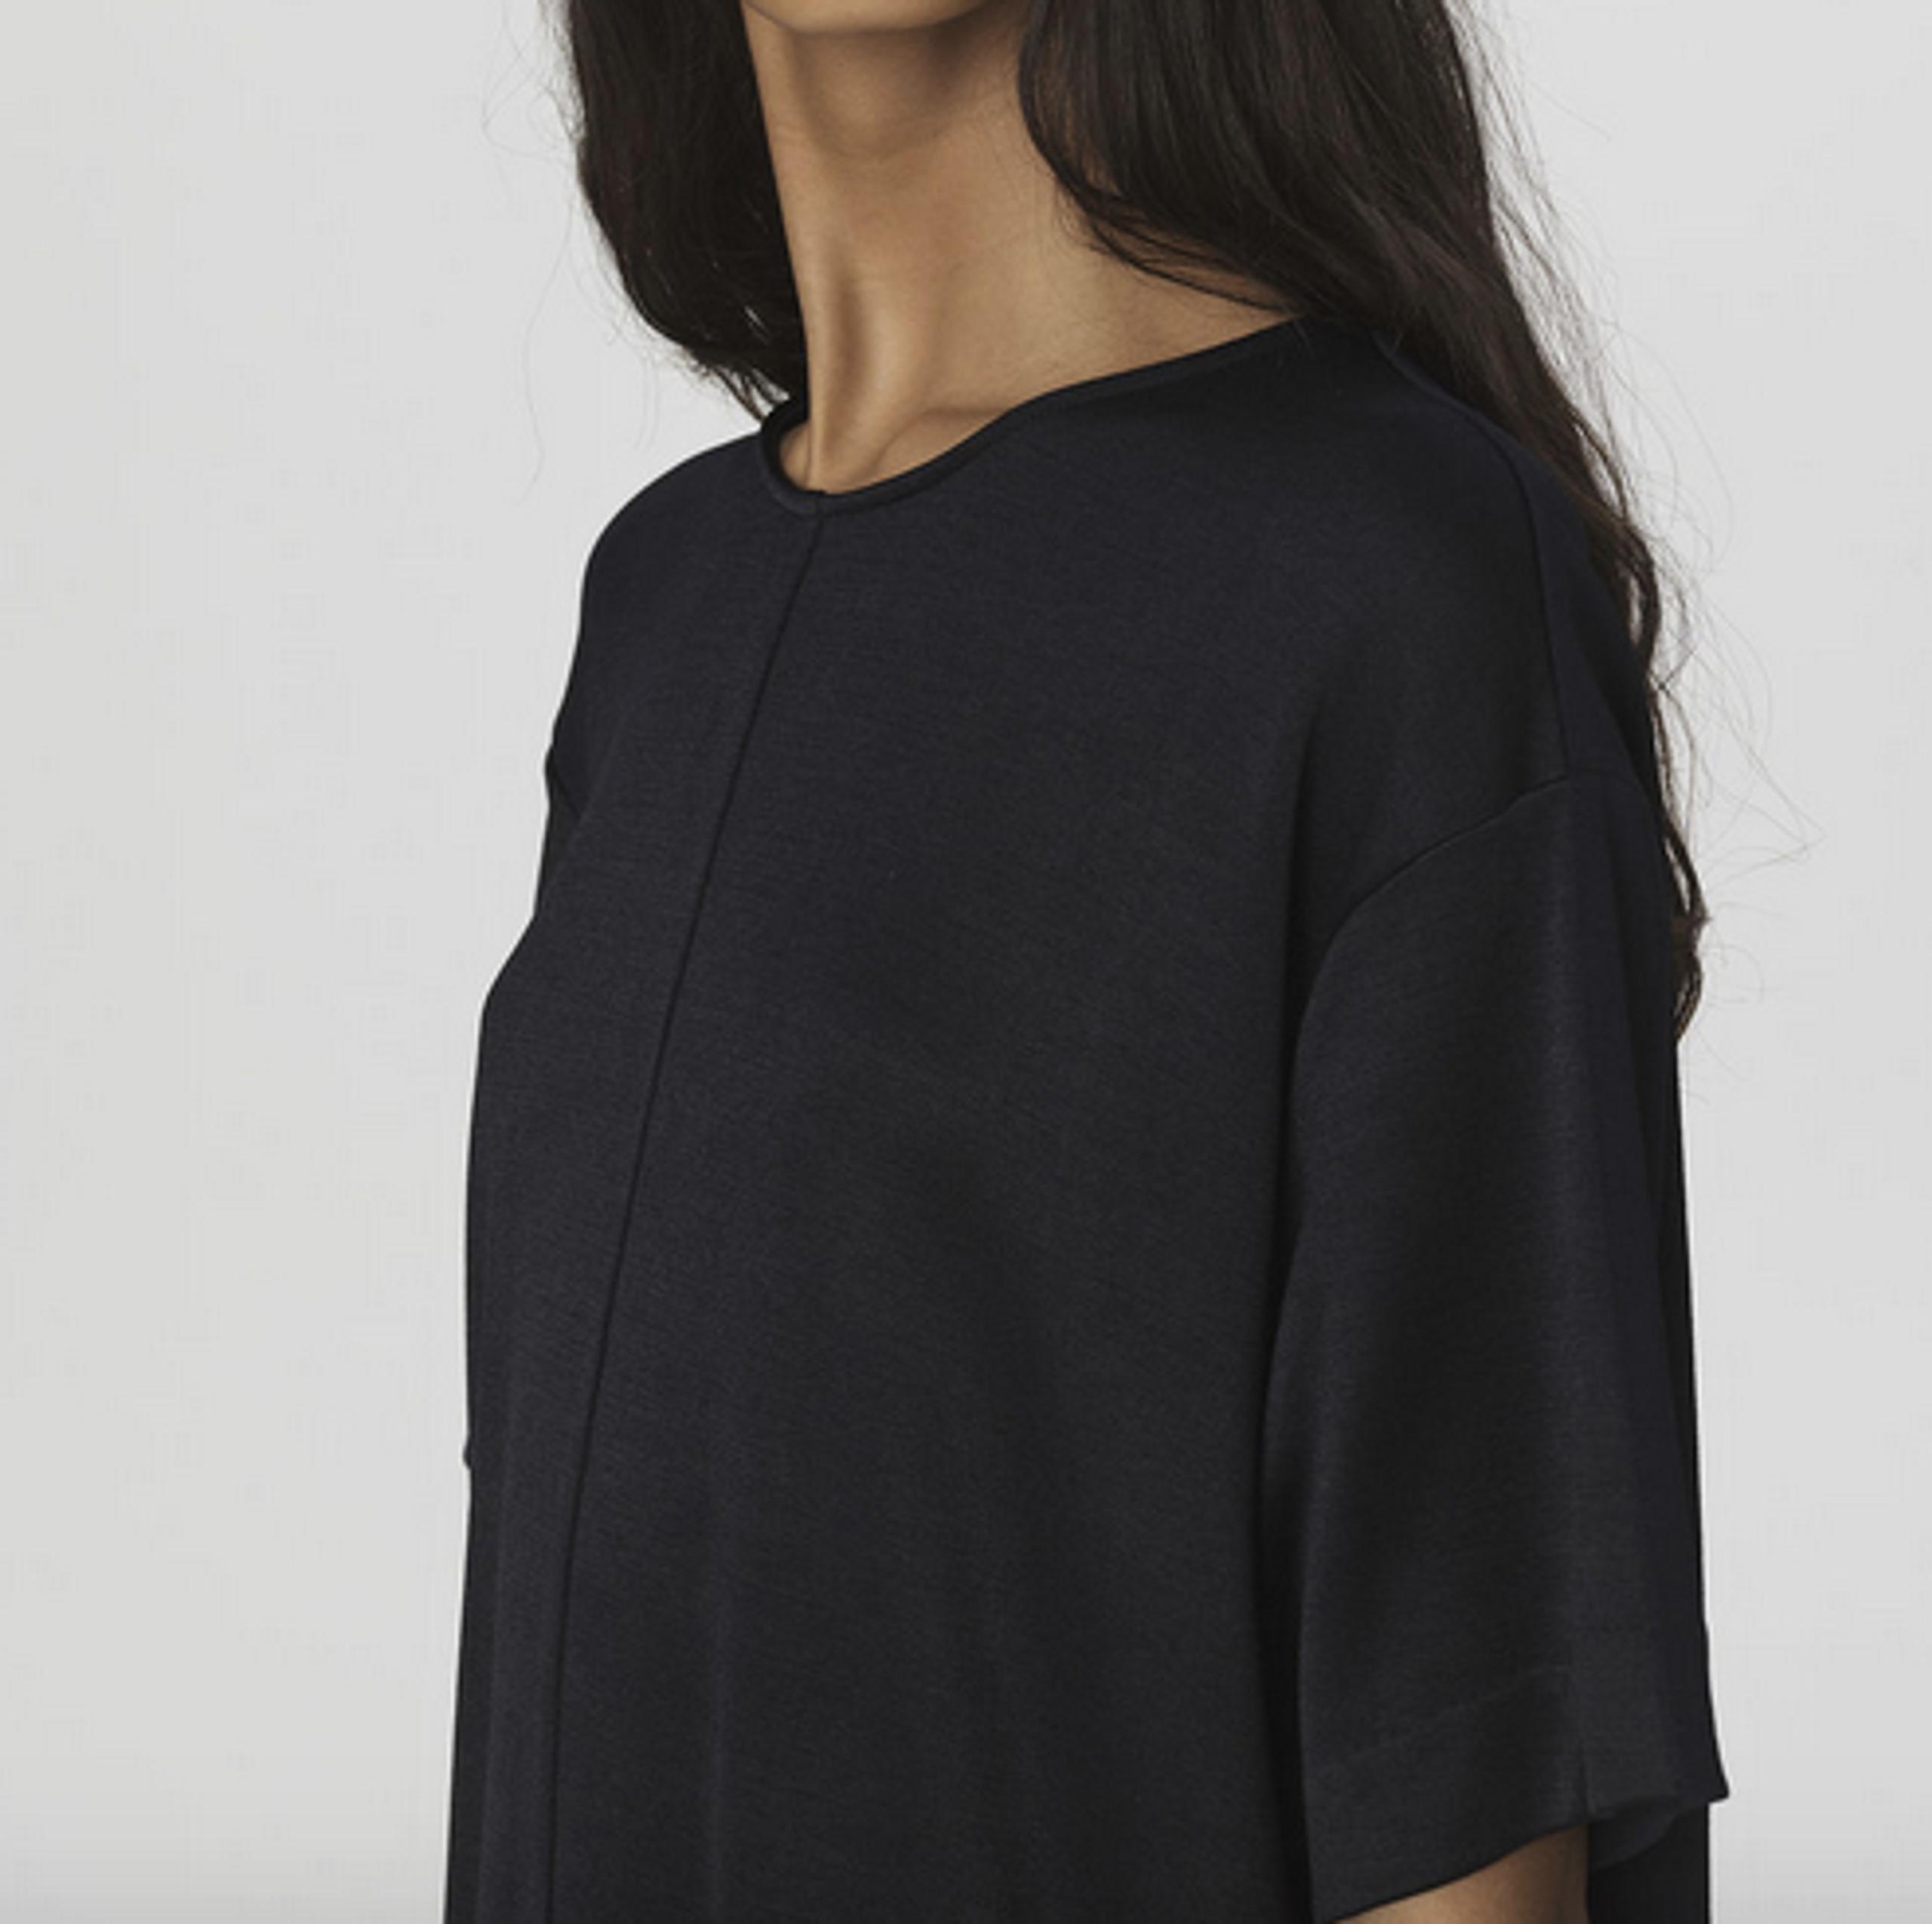 49d9b3961de6 ... By Malene Birger - Dress - Talianah - Black